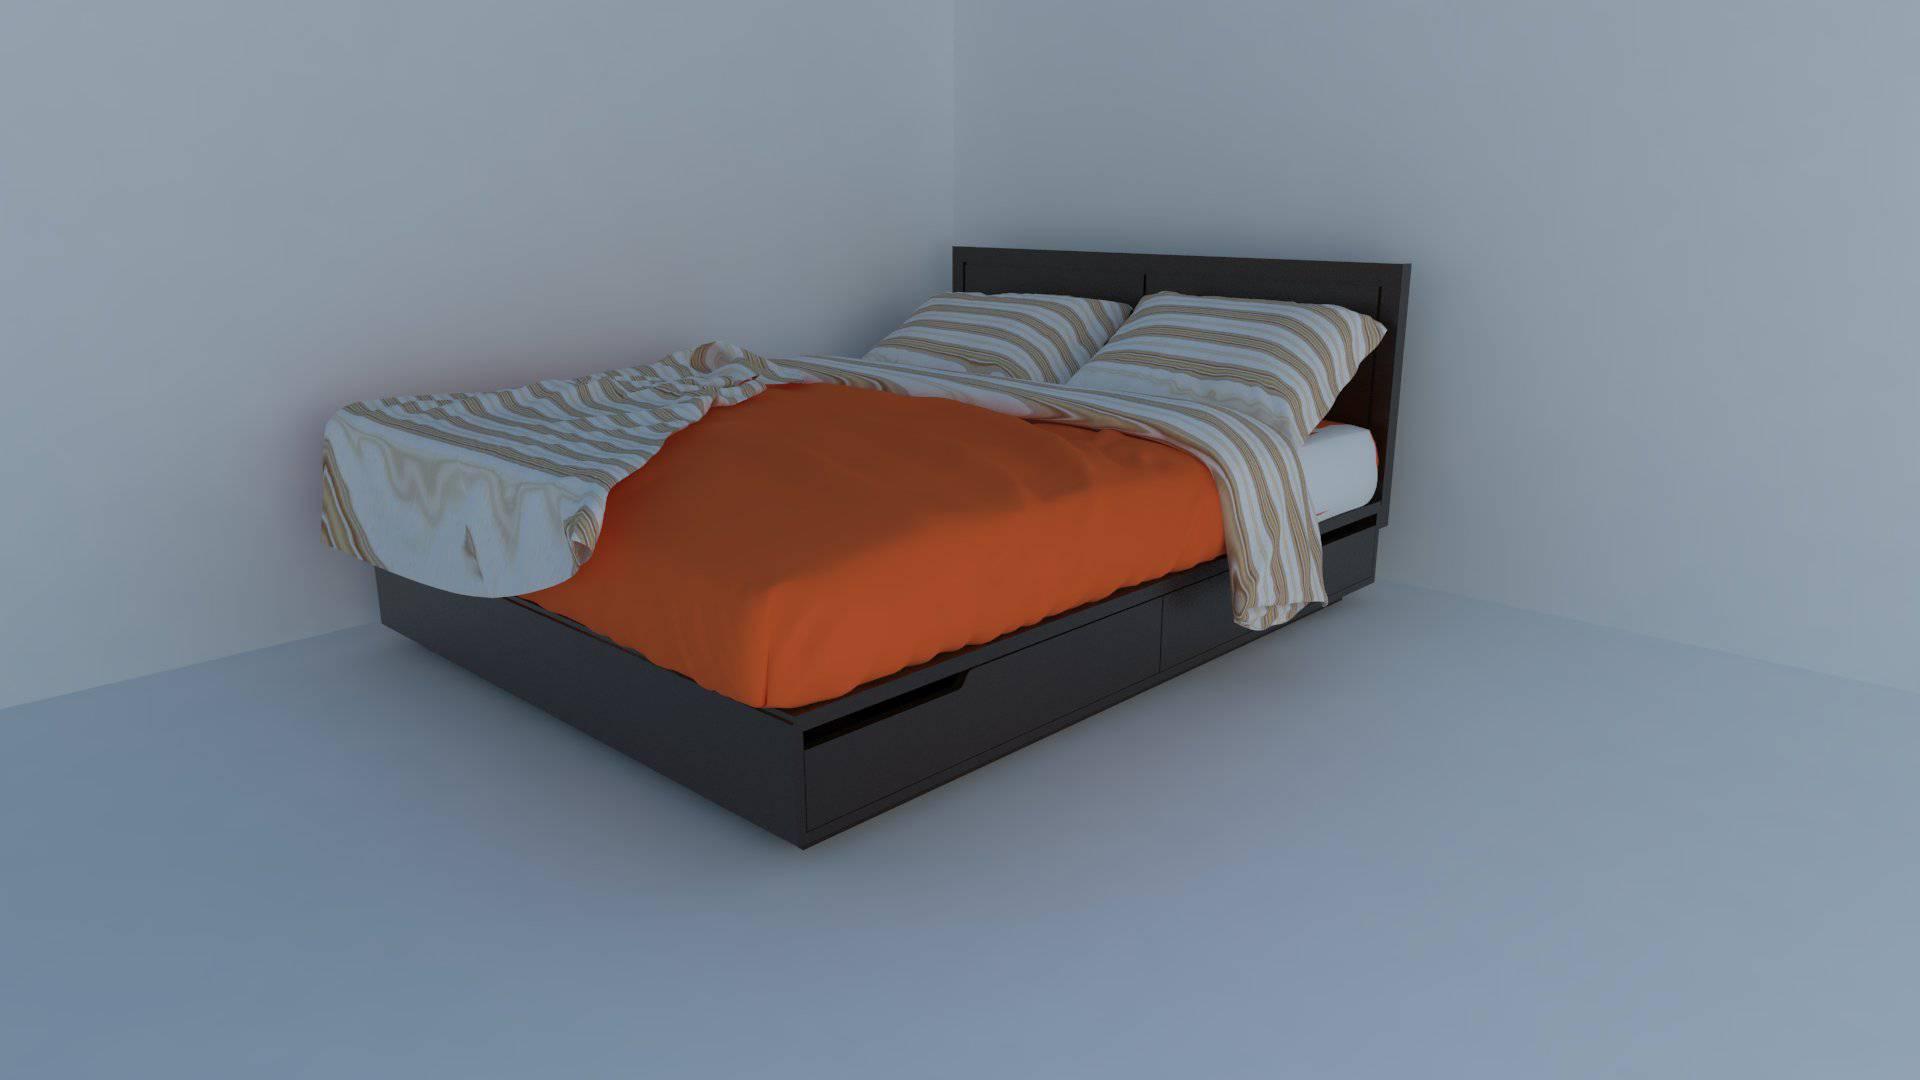 دانلود آبجکت های تخت خواب در اسکچاپ